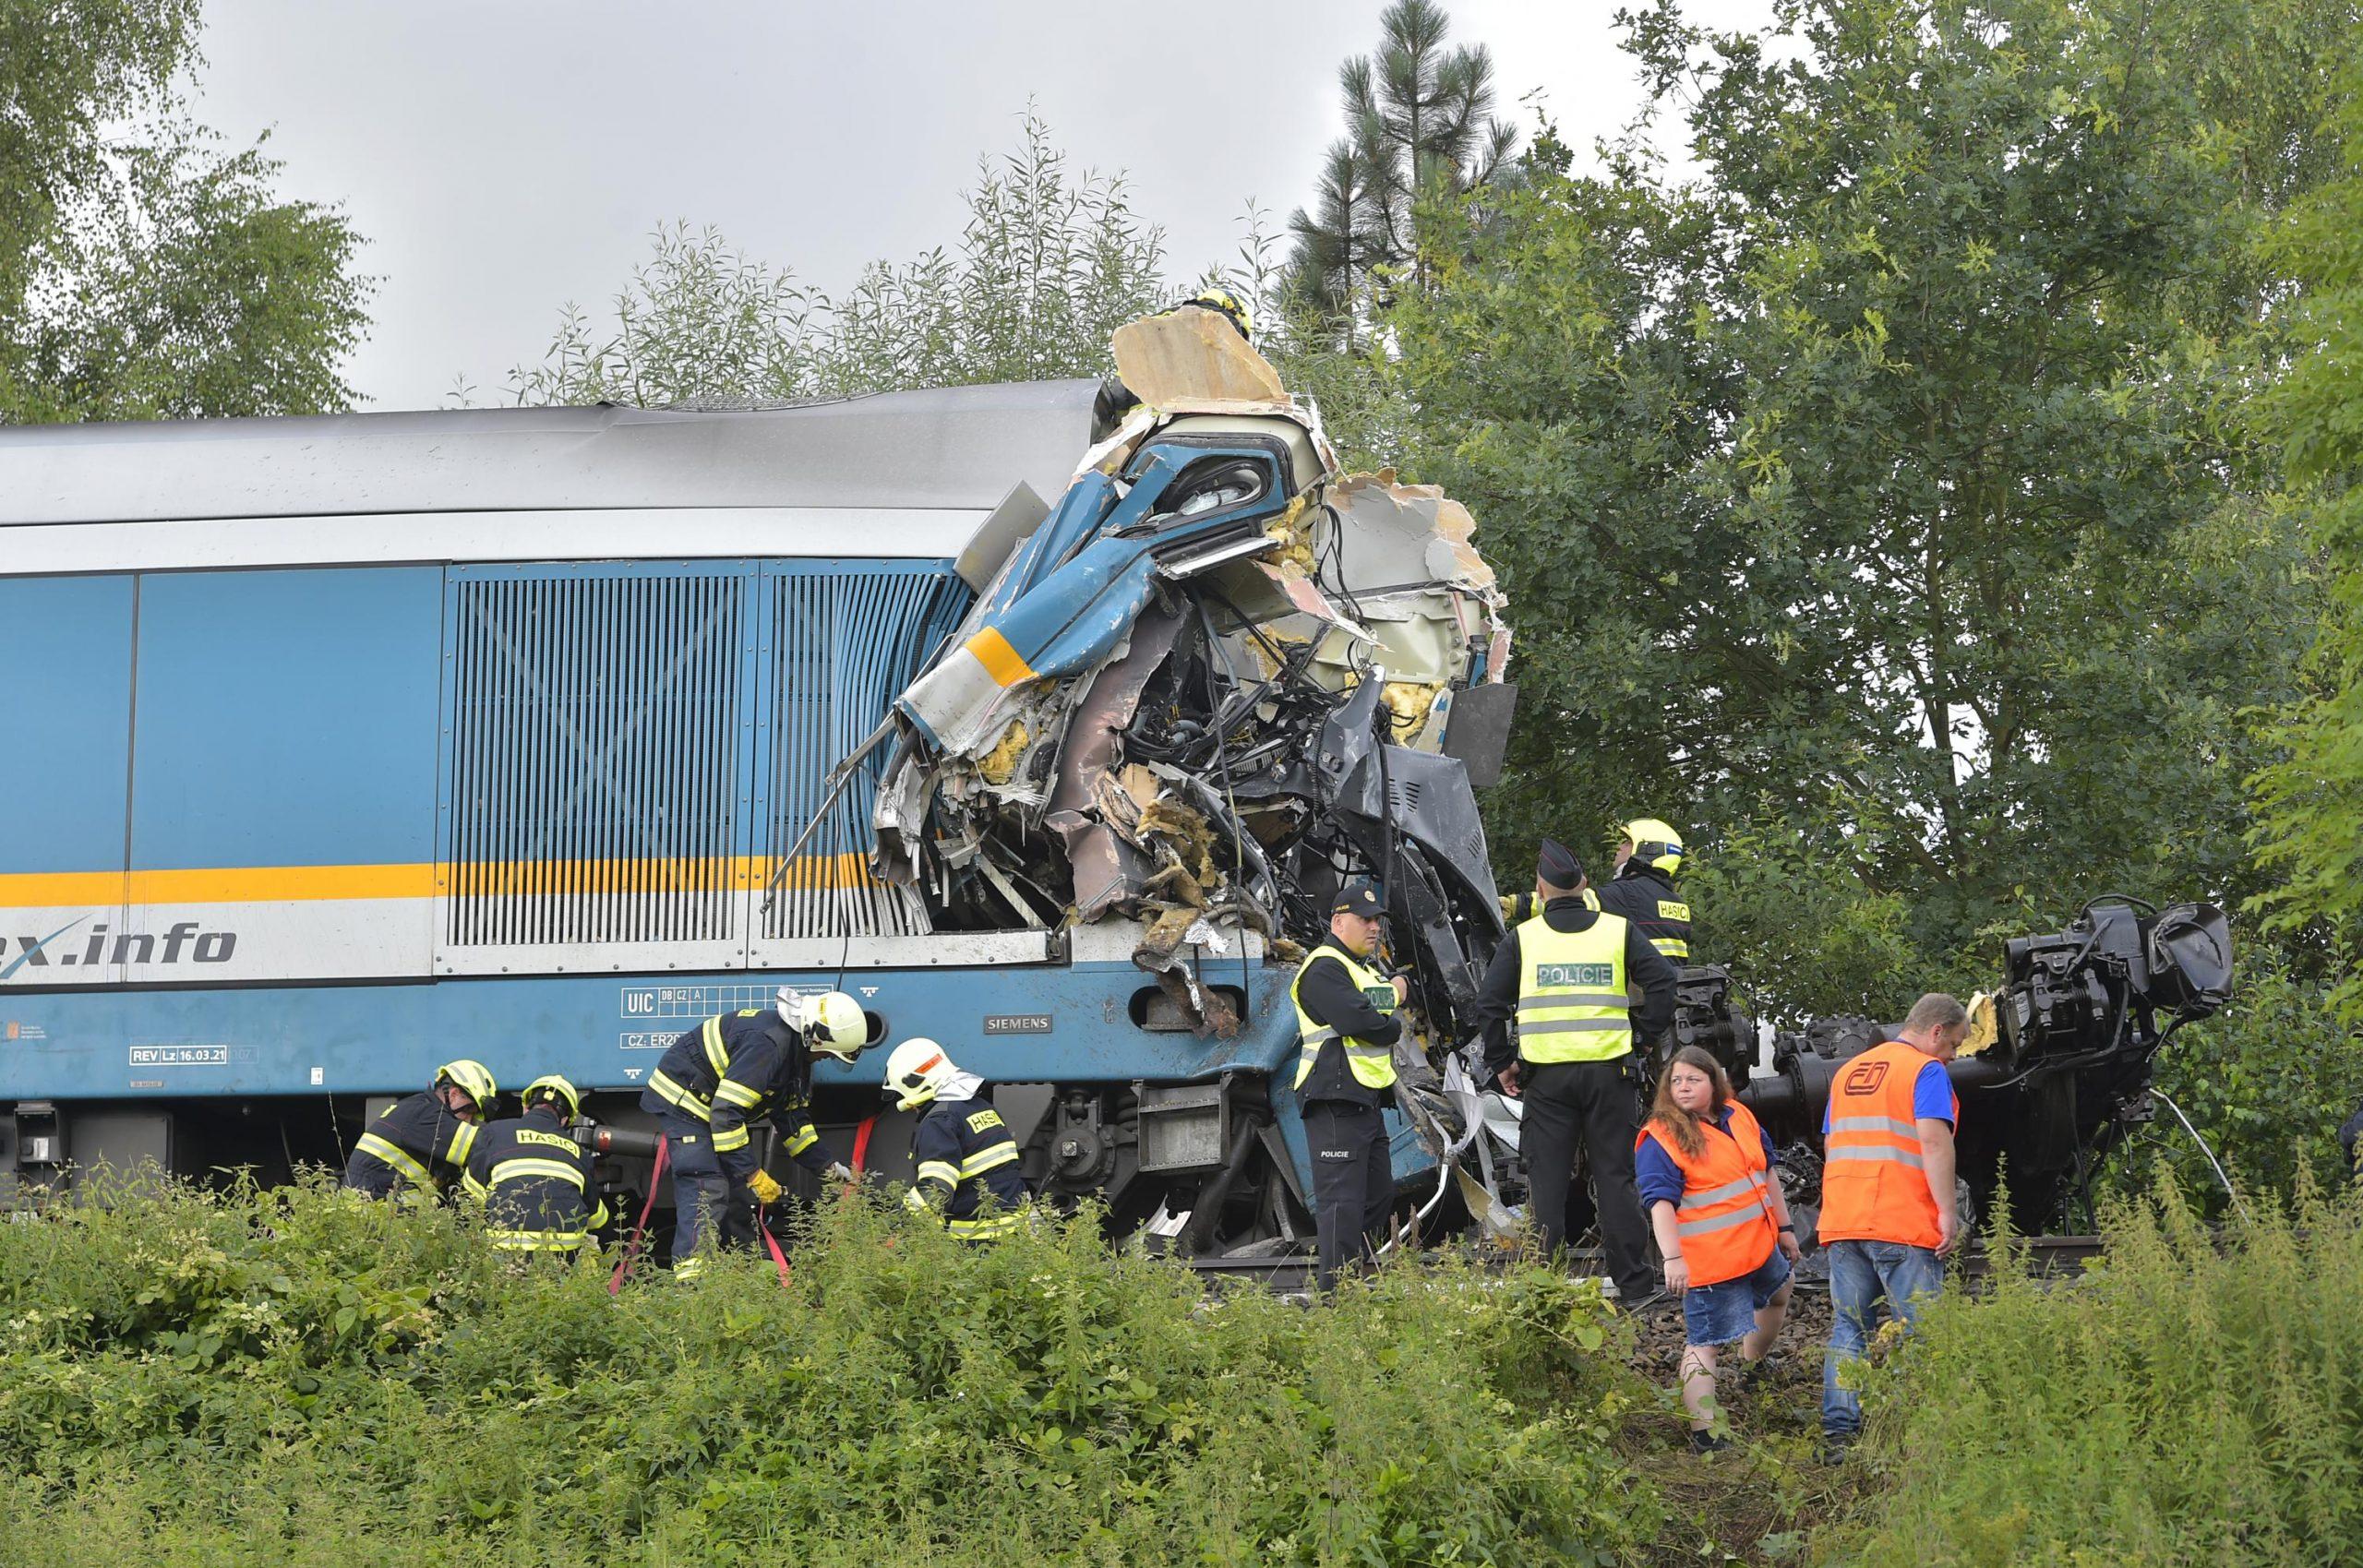 Personenzüge kollidieren in Tschechien und tötet 3